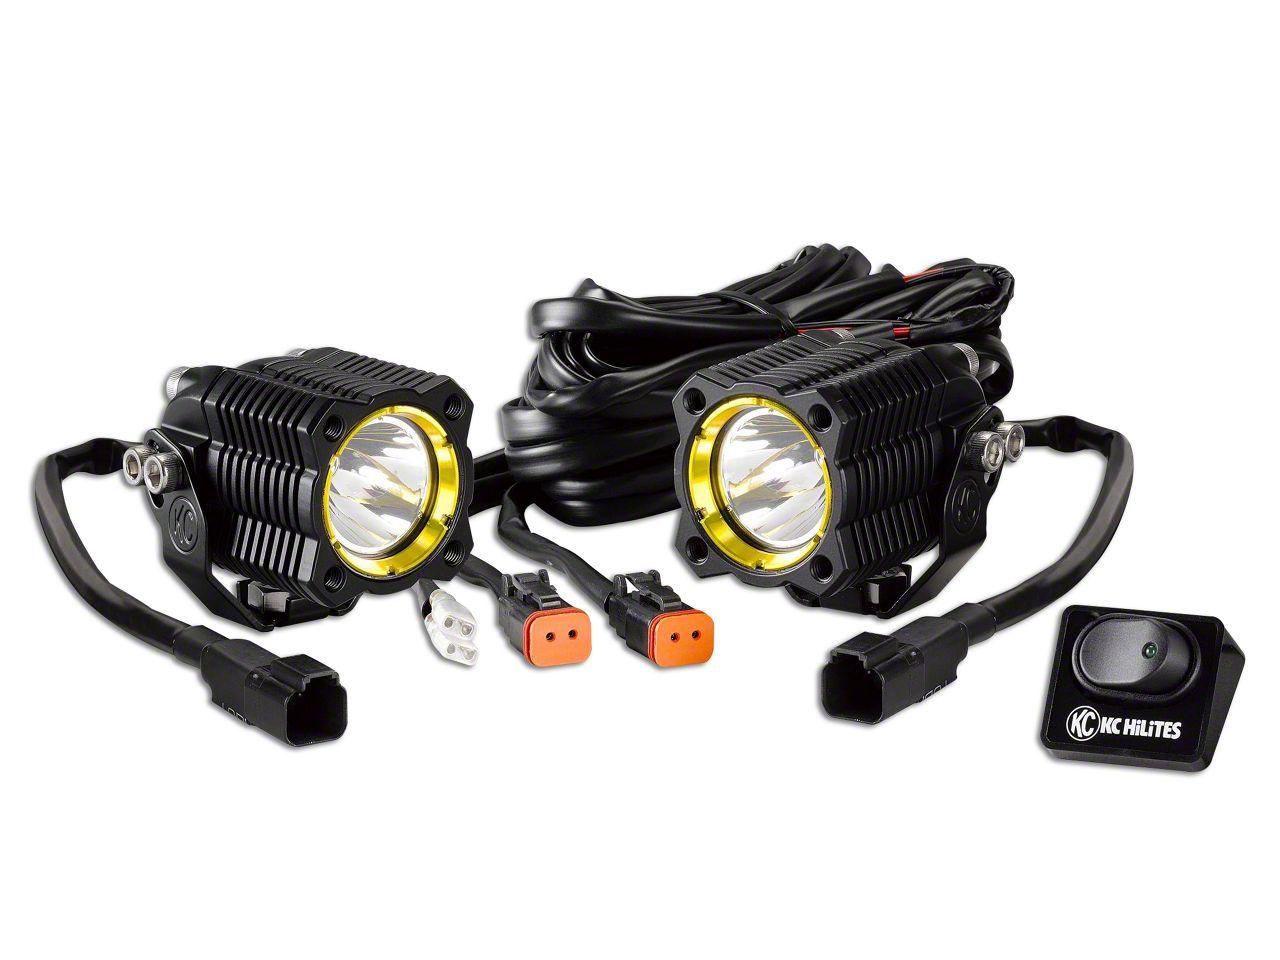 KC HiLiTES Flex Single LED Light - 10W Spot Beam - Pair